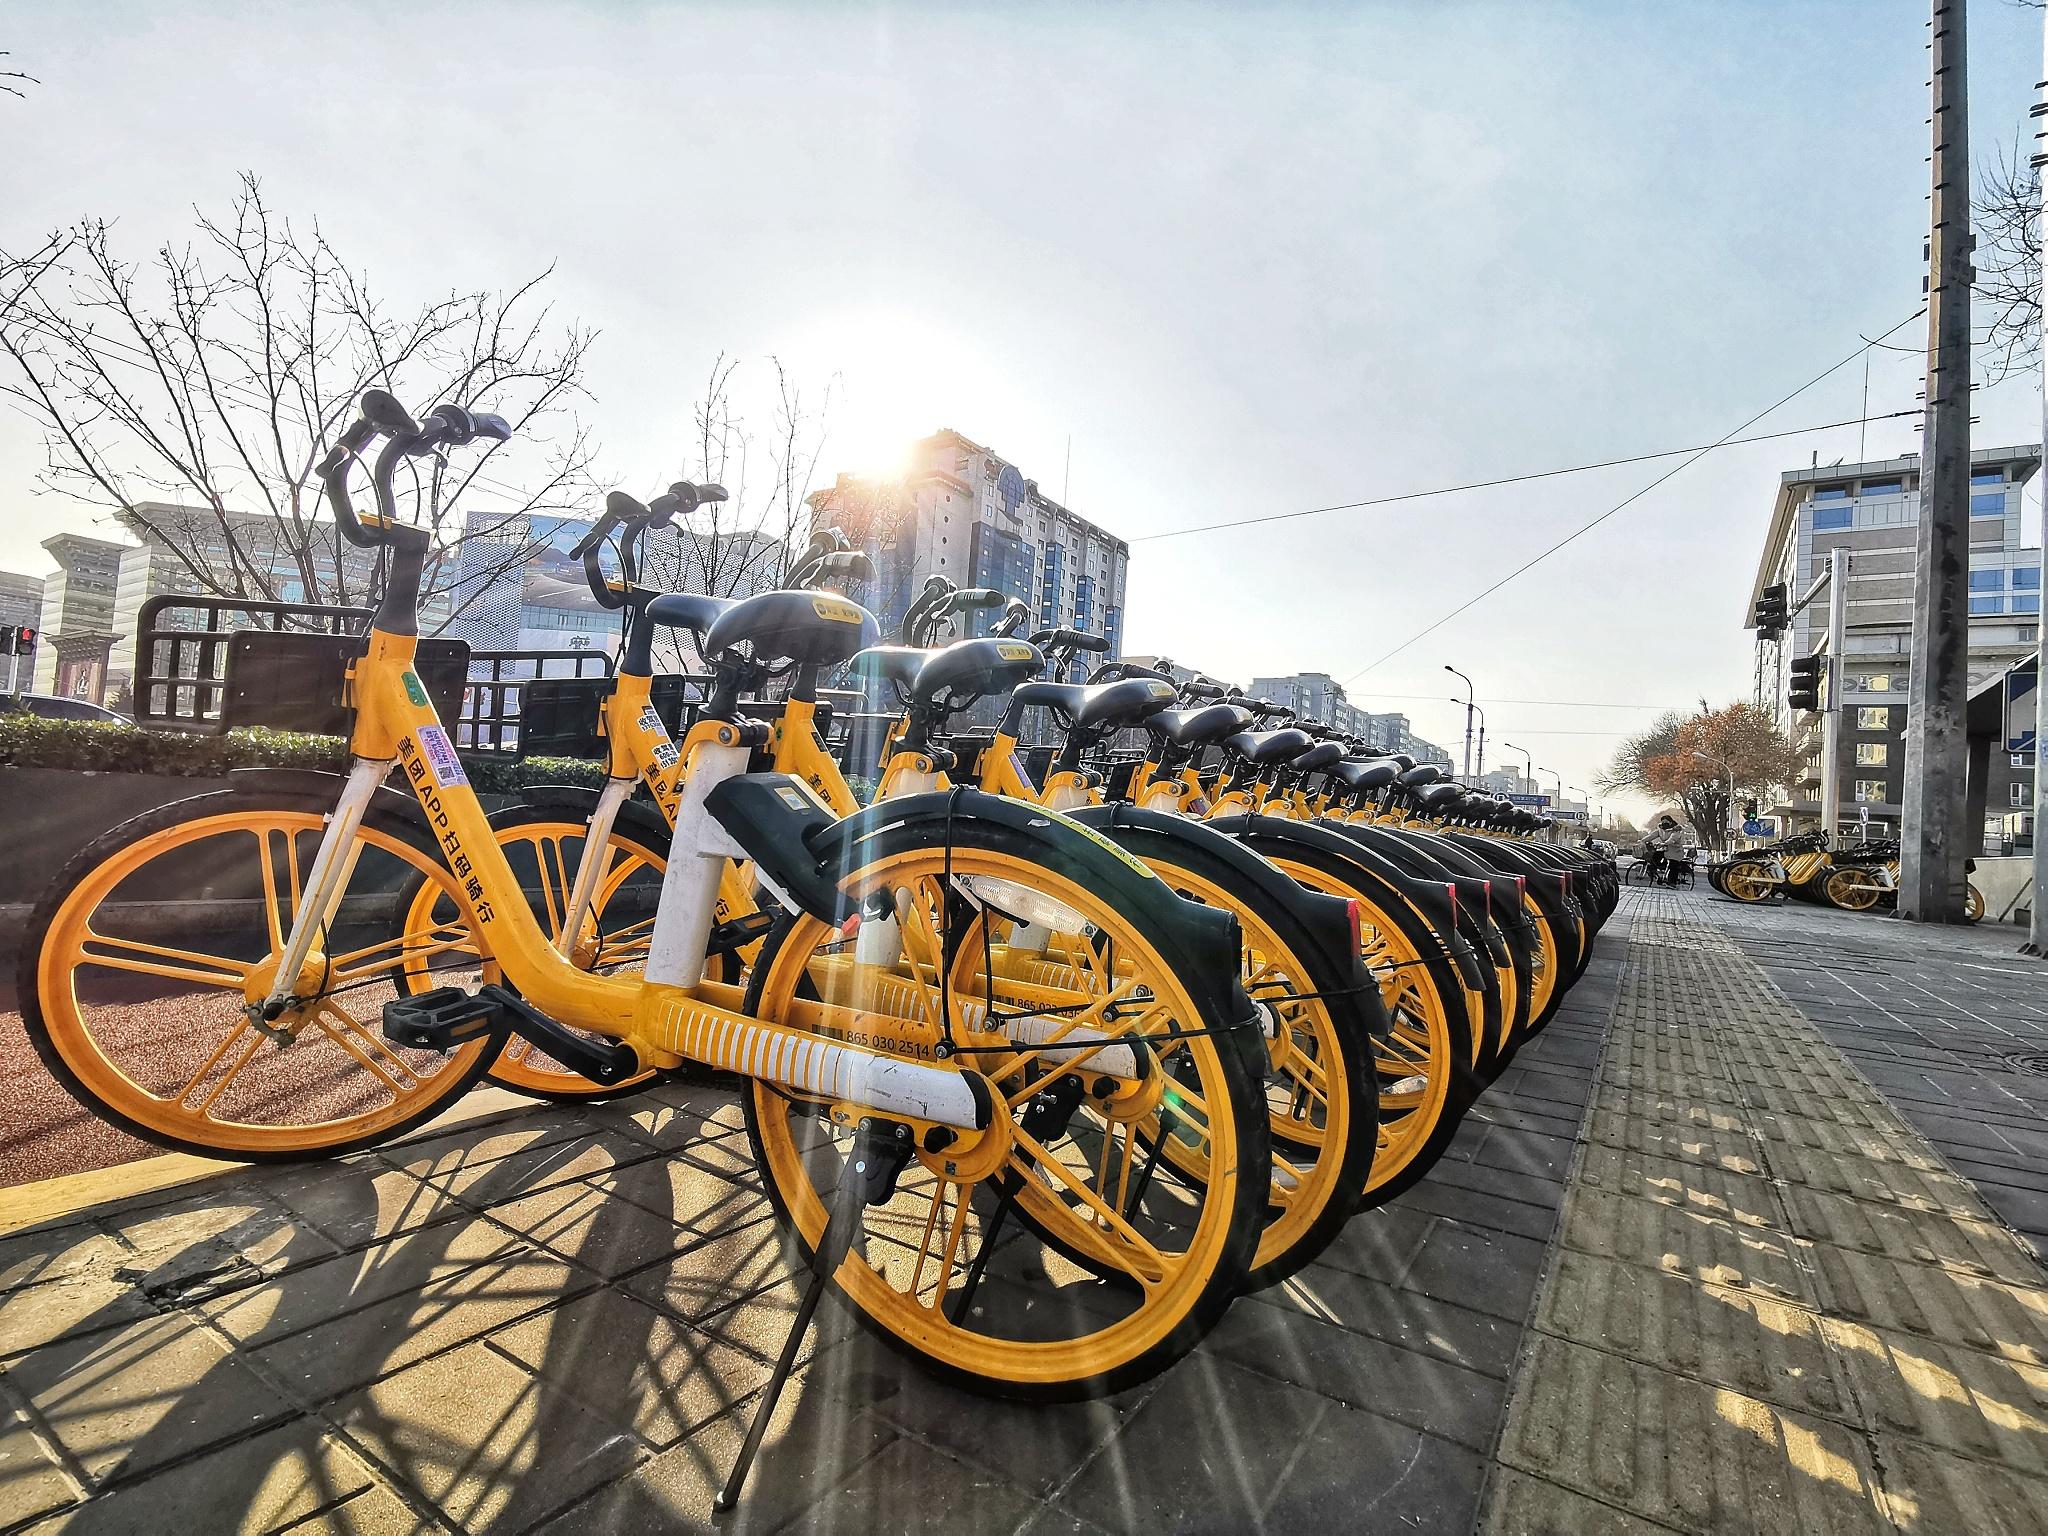 共享单车也悄悄涨价,上海青桔比北京贵